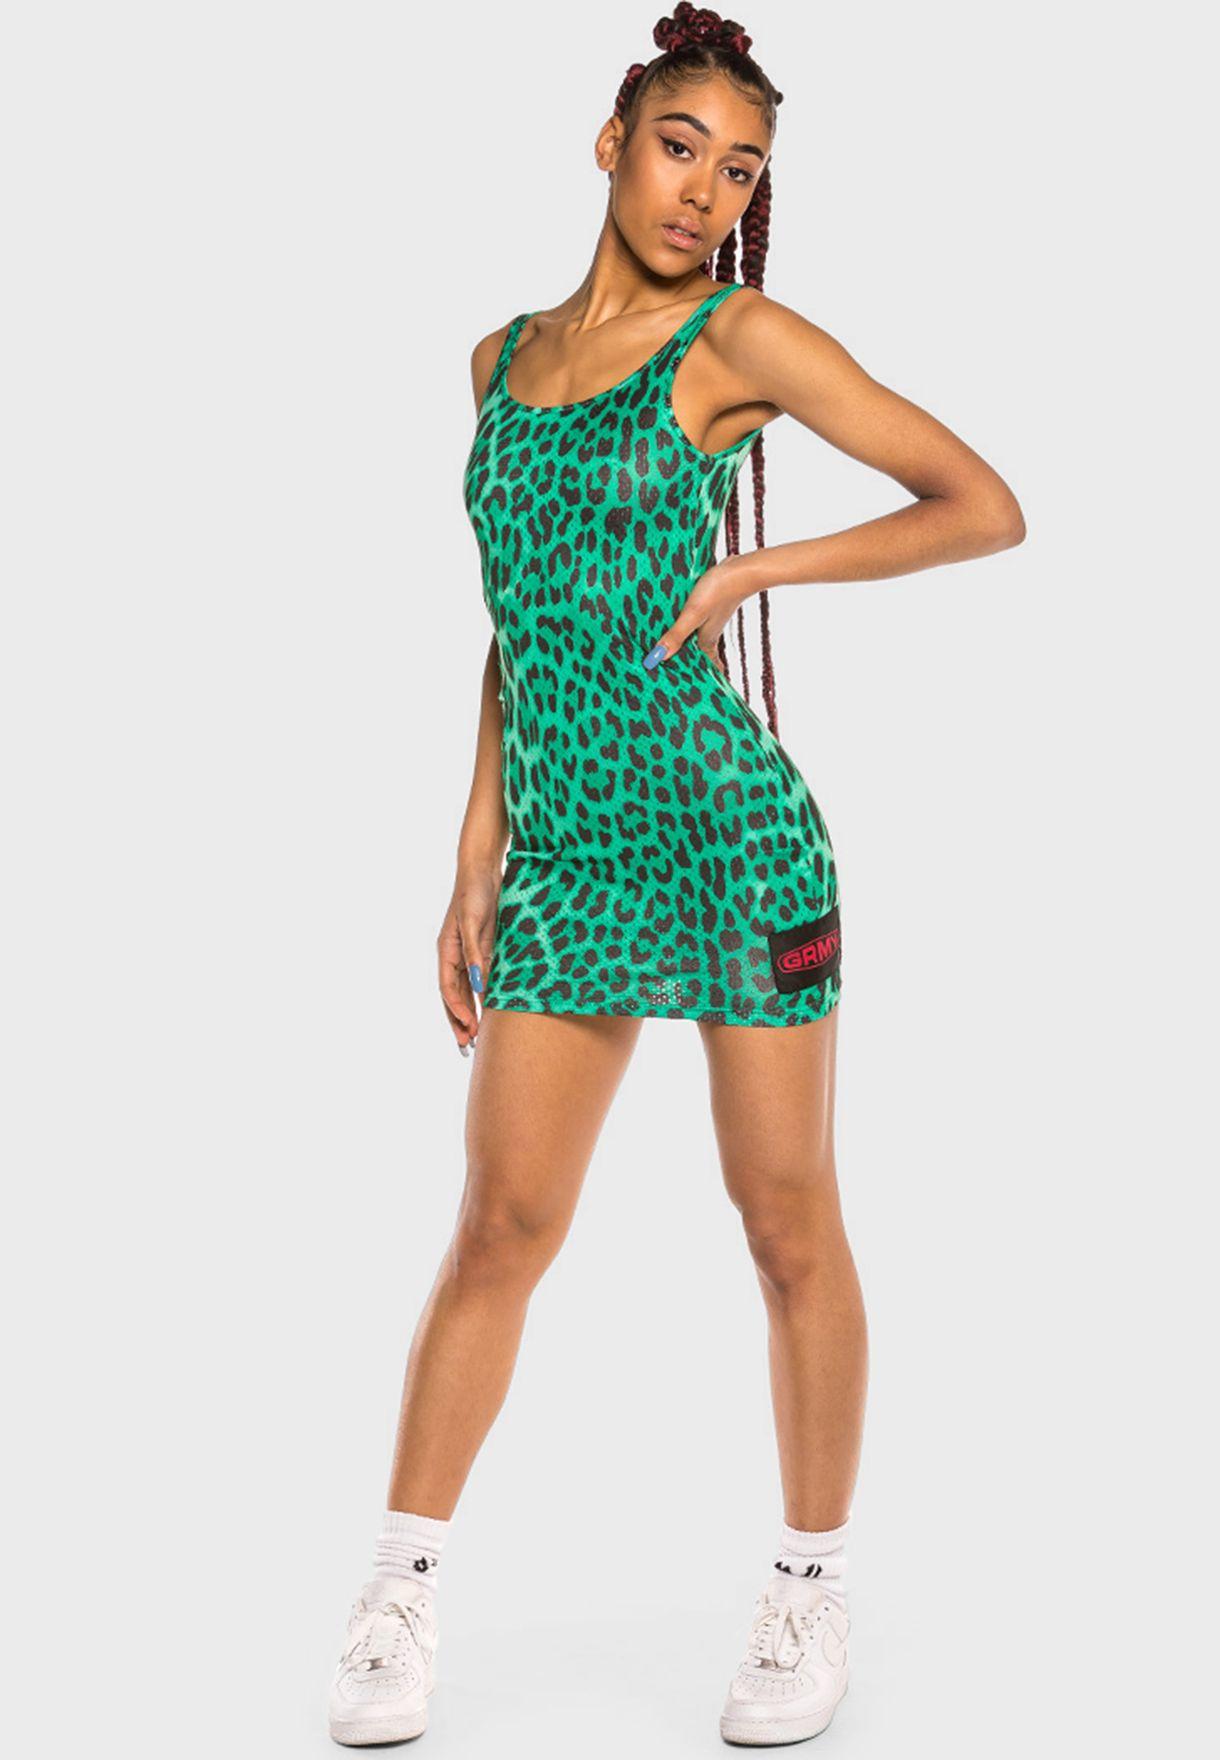 Yanga Mesh Dress